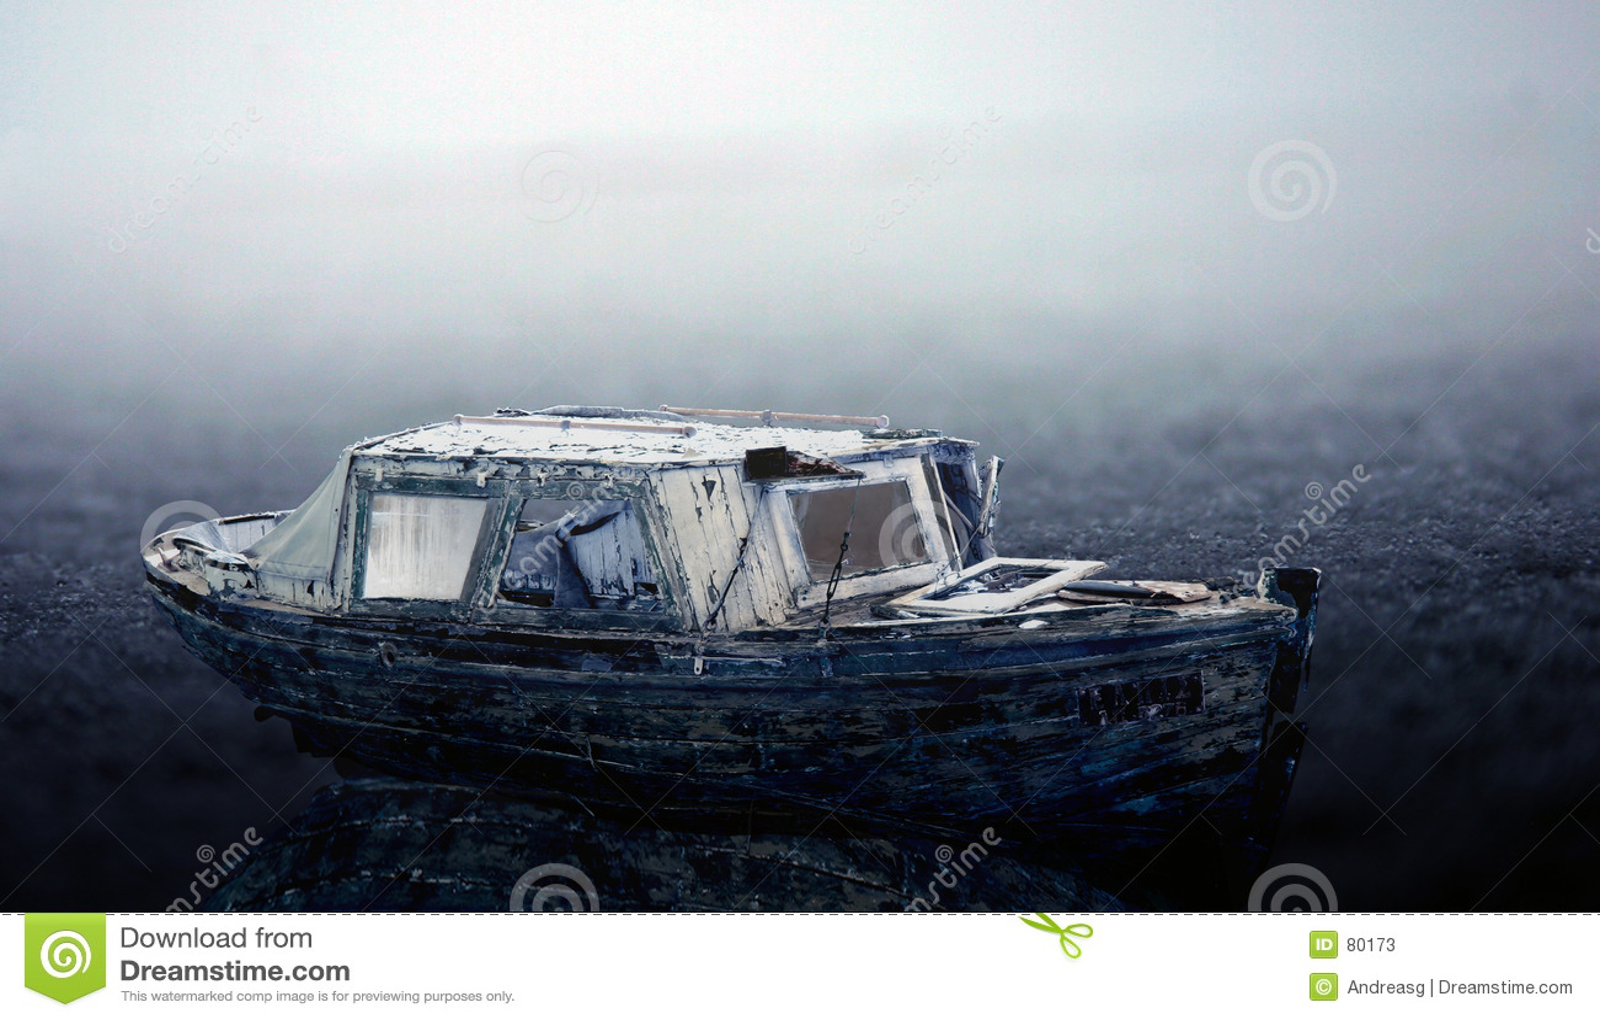 Old frozen boat